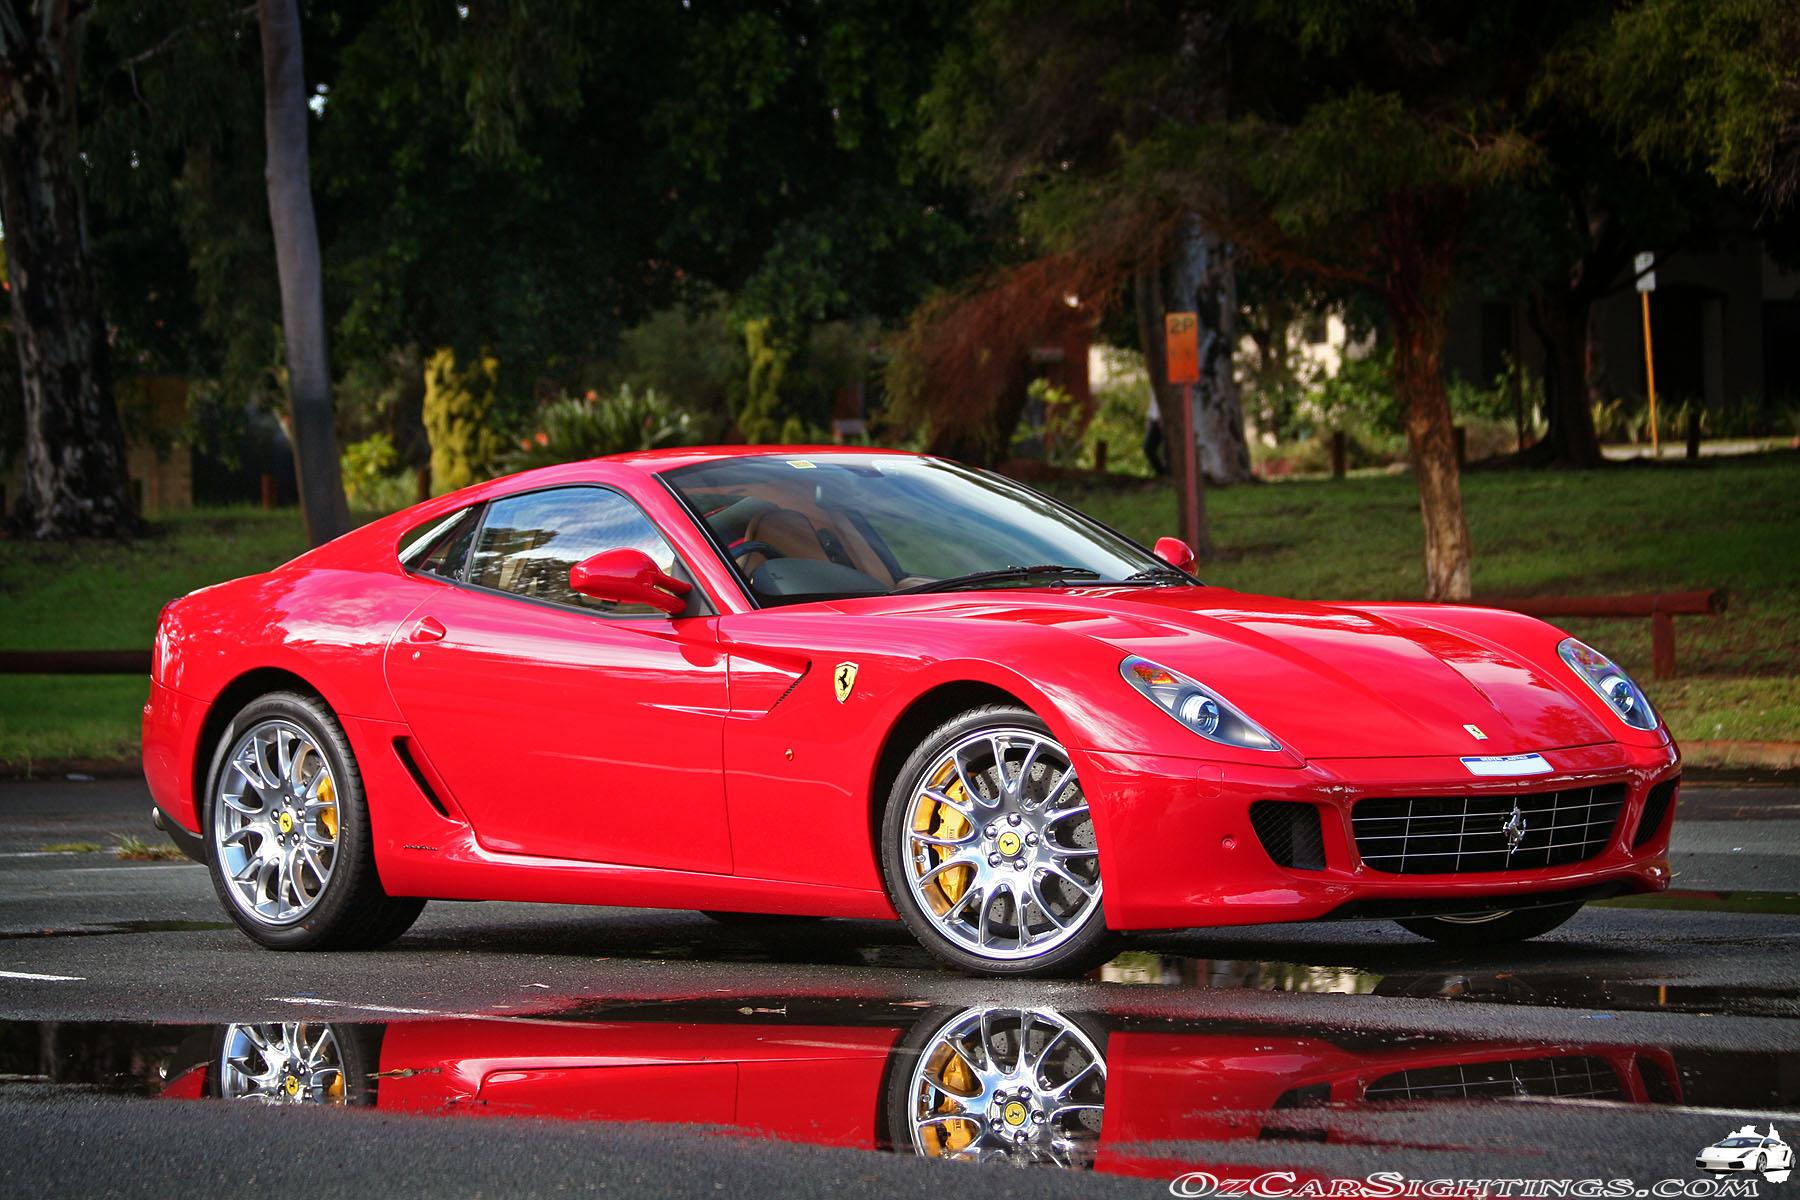 FERRARI 599 red